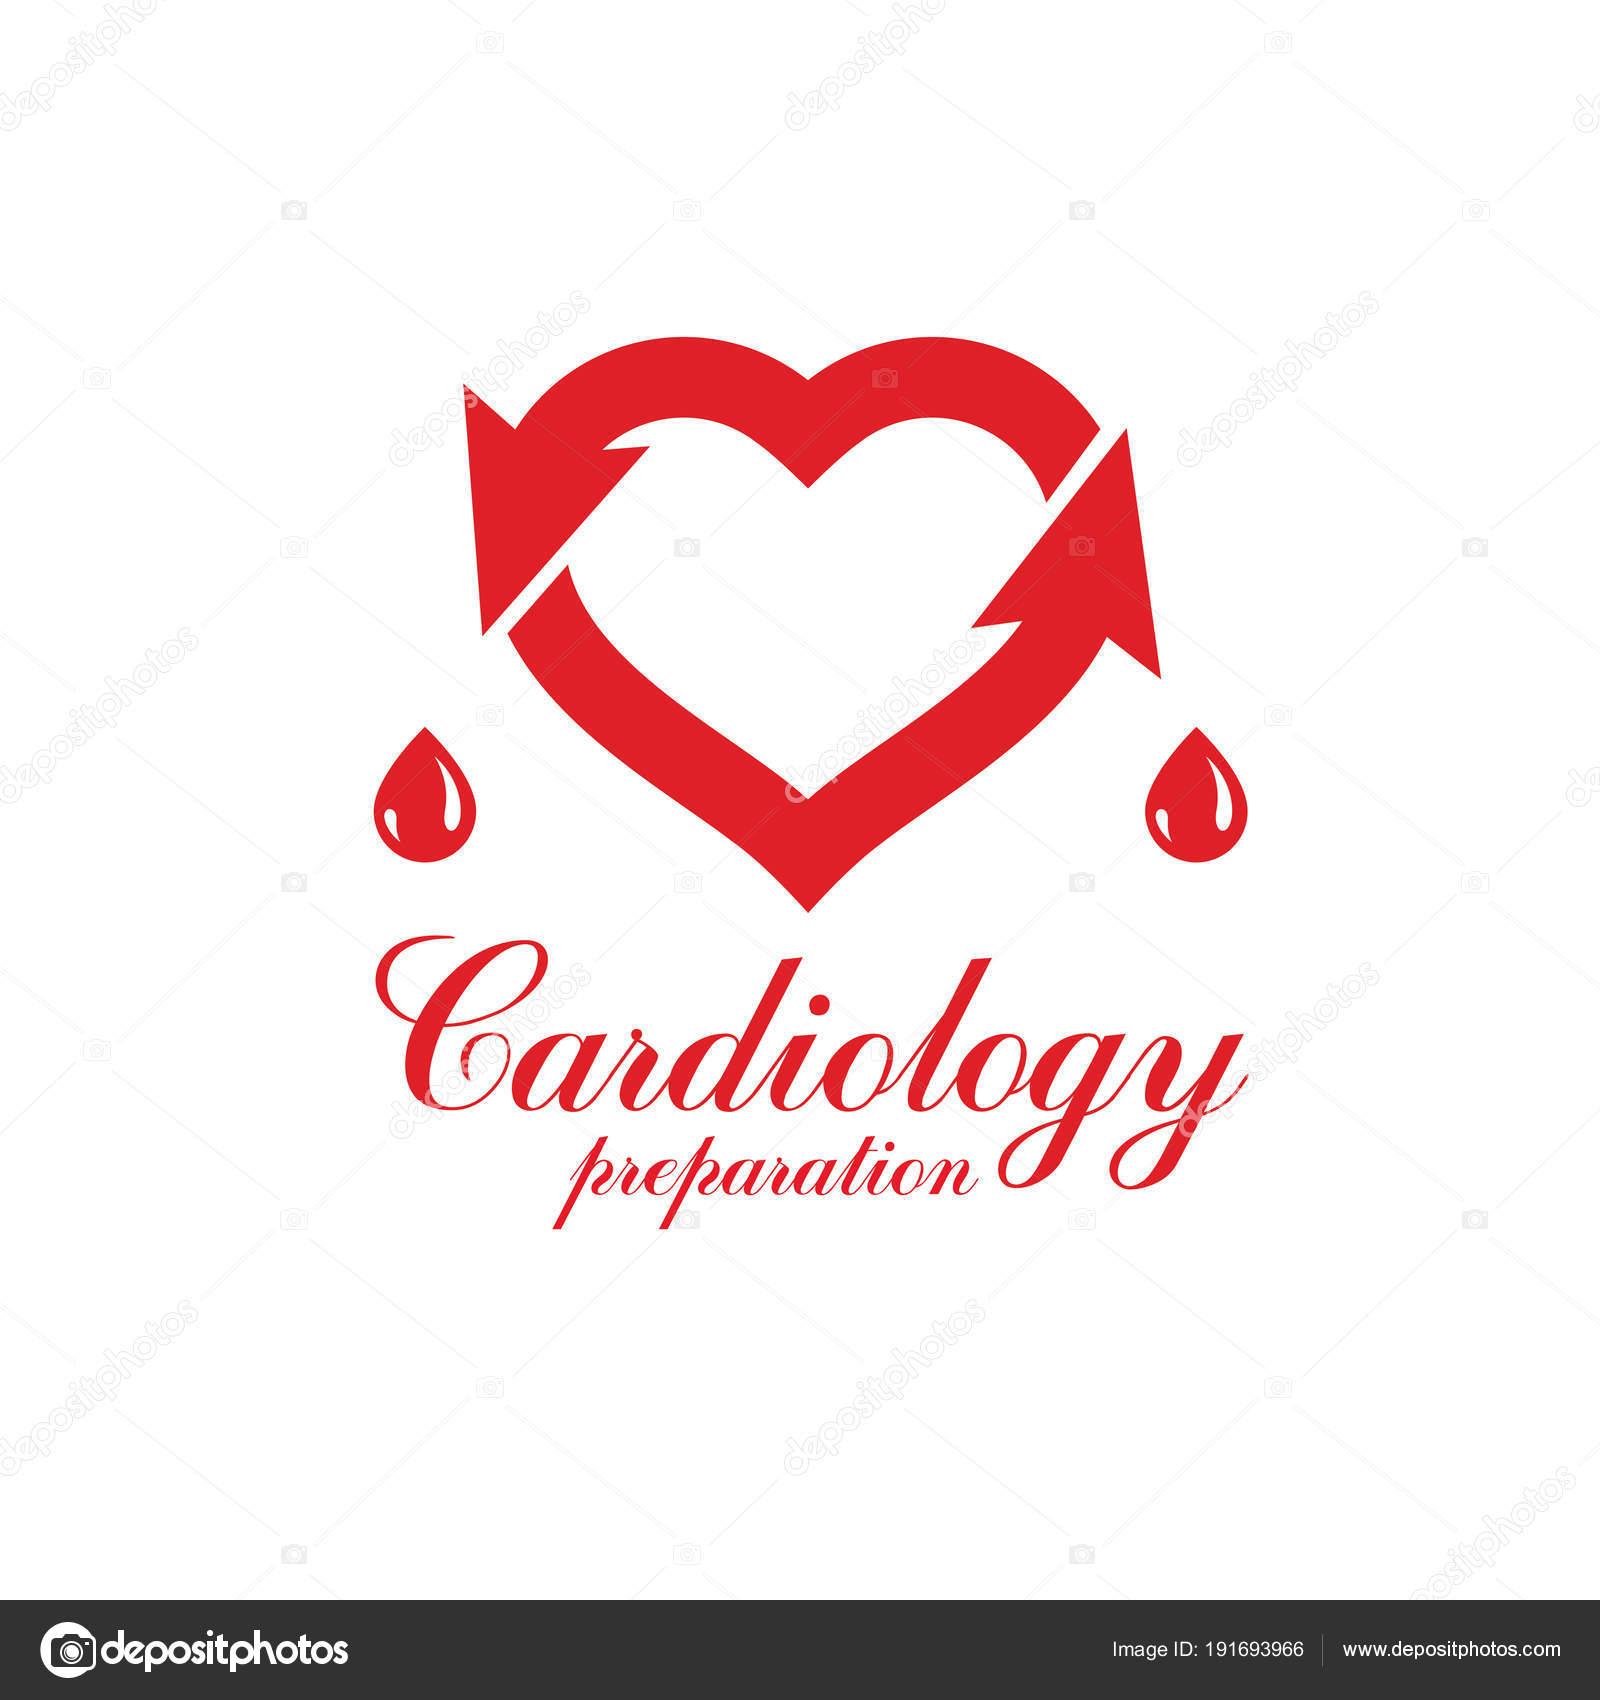 Herz Kreislauf System Erkrankungen Behandlung Logo — Stockvektor ...